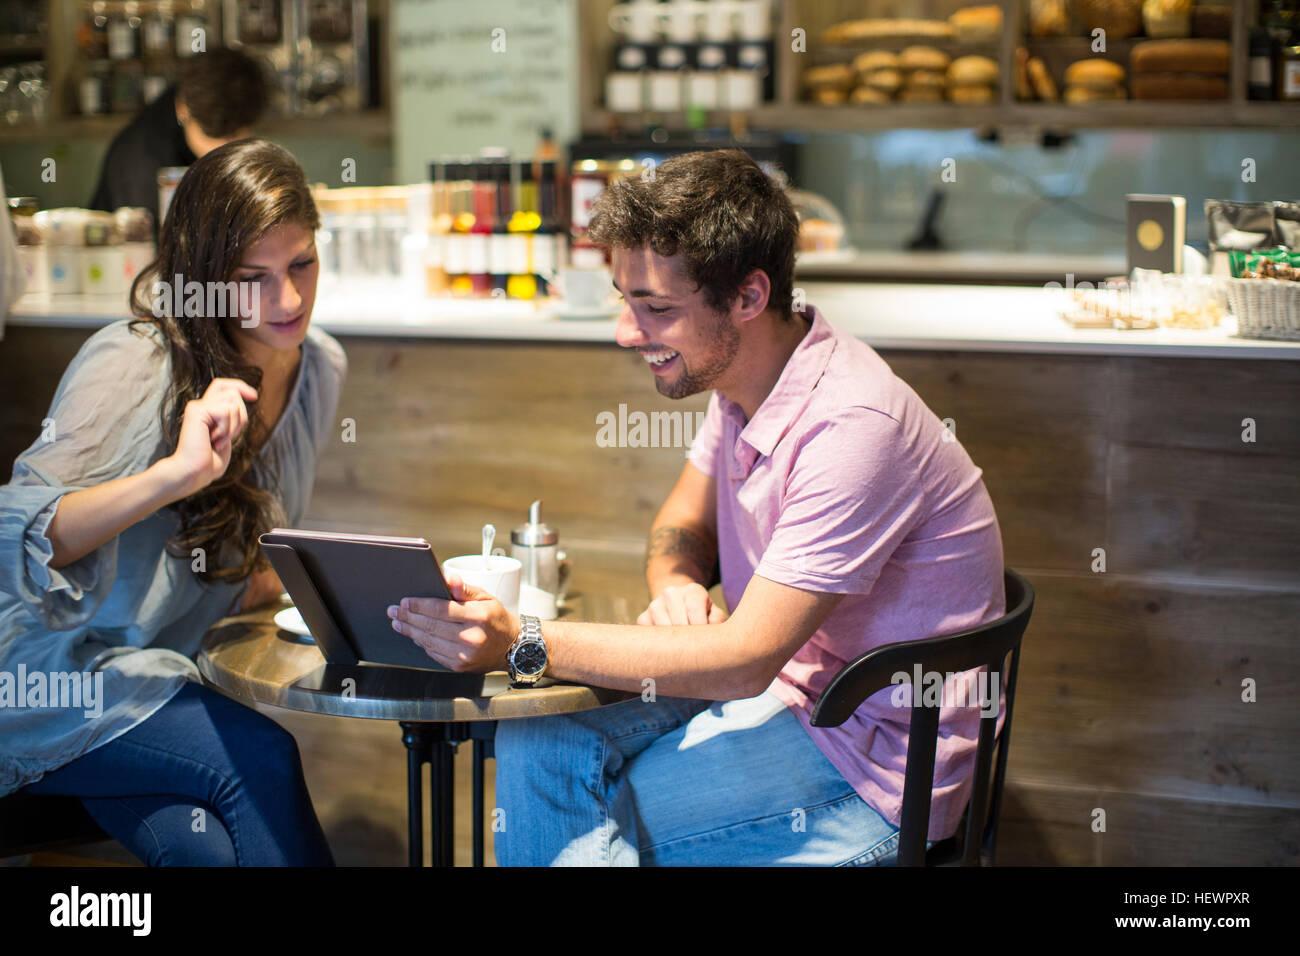 Coppia giovane in cafe guardando a tavoletta digitale Immagini Stock